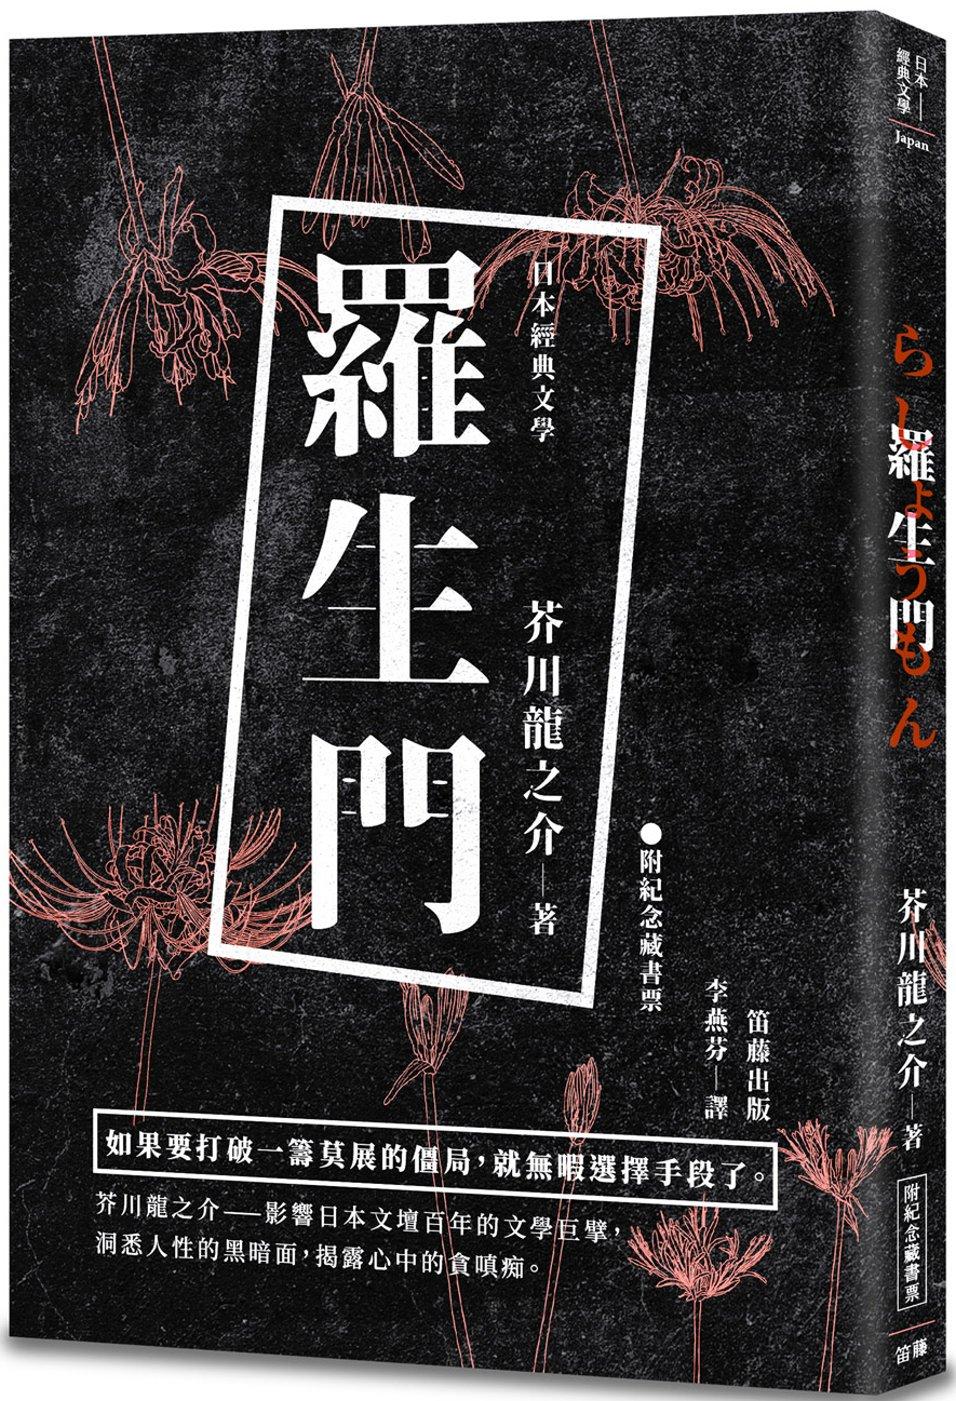 日本經典文學:羅生門(附紀念藏書票)